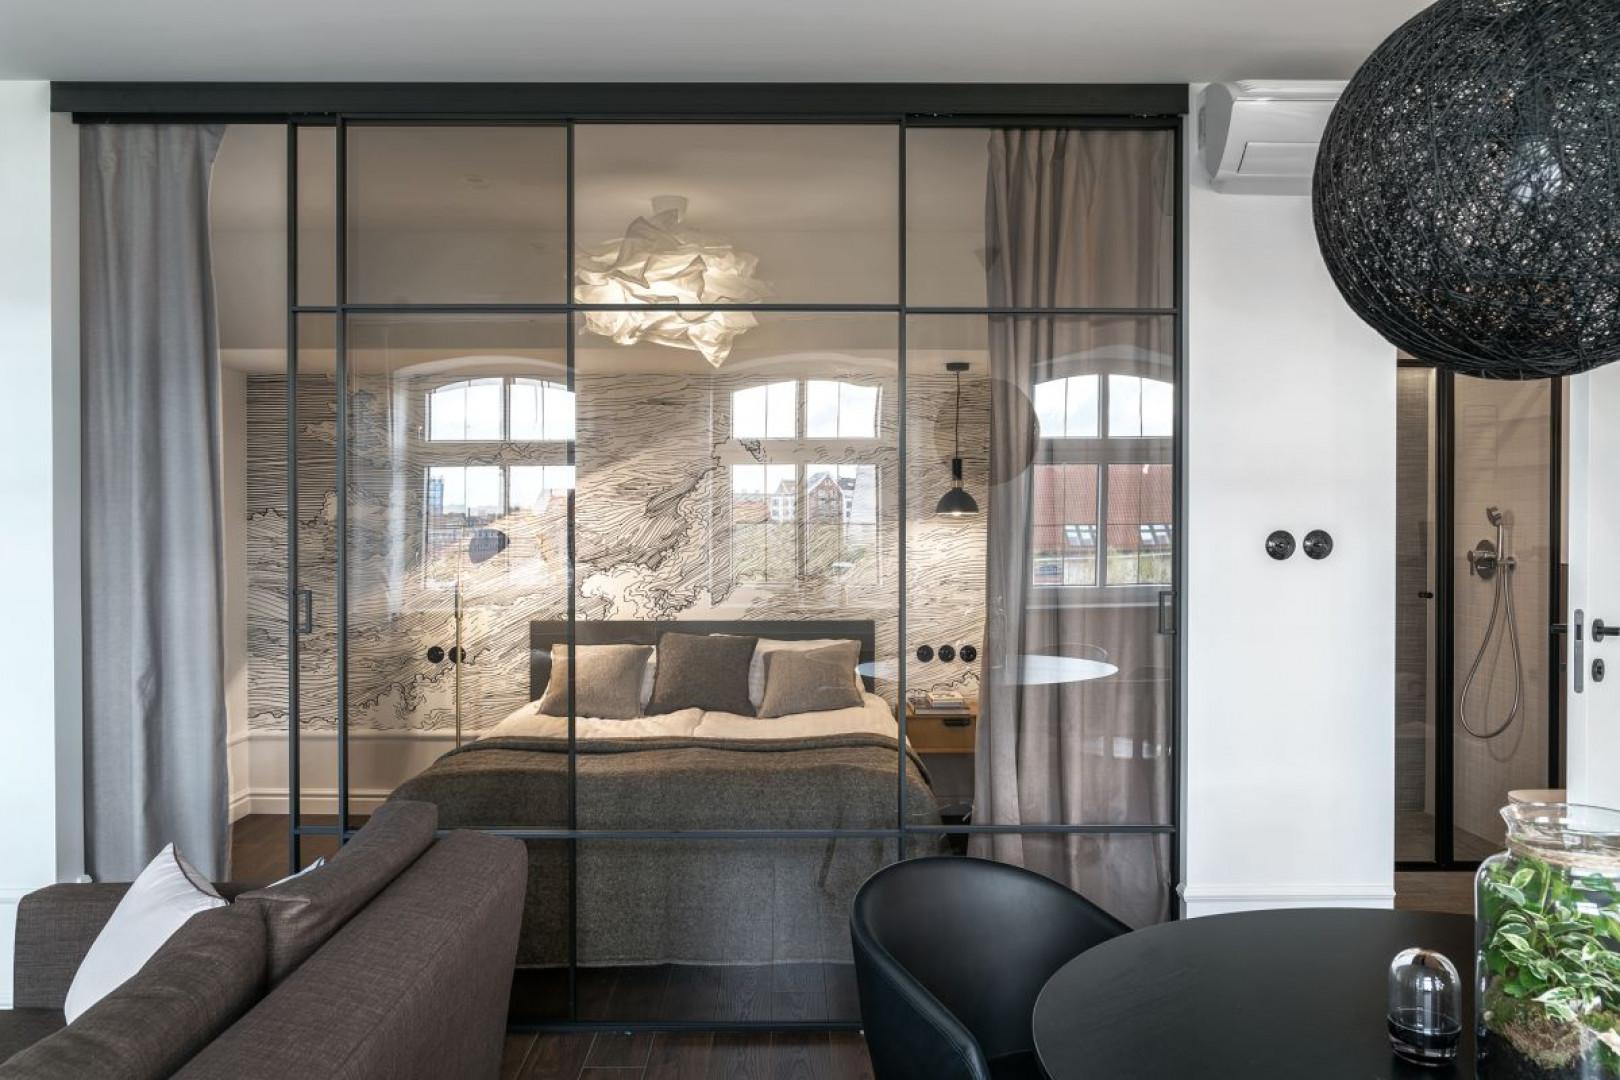 Dużym wyzwaniem było zaaranżowanie niewielkiej sypialni pozbawionej okna. Aby doświetlić jej wnętrze i uwolnić przestrzeń, architektki zdecydowały się na zastosowanie wielkoformatowych drzwi przesuwnych. Fot. Tom Kurek